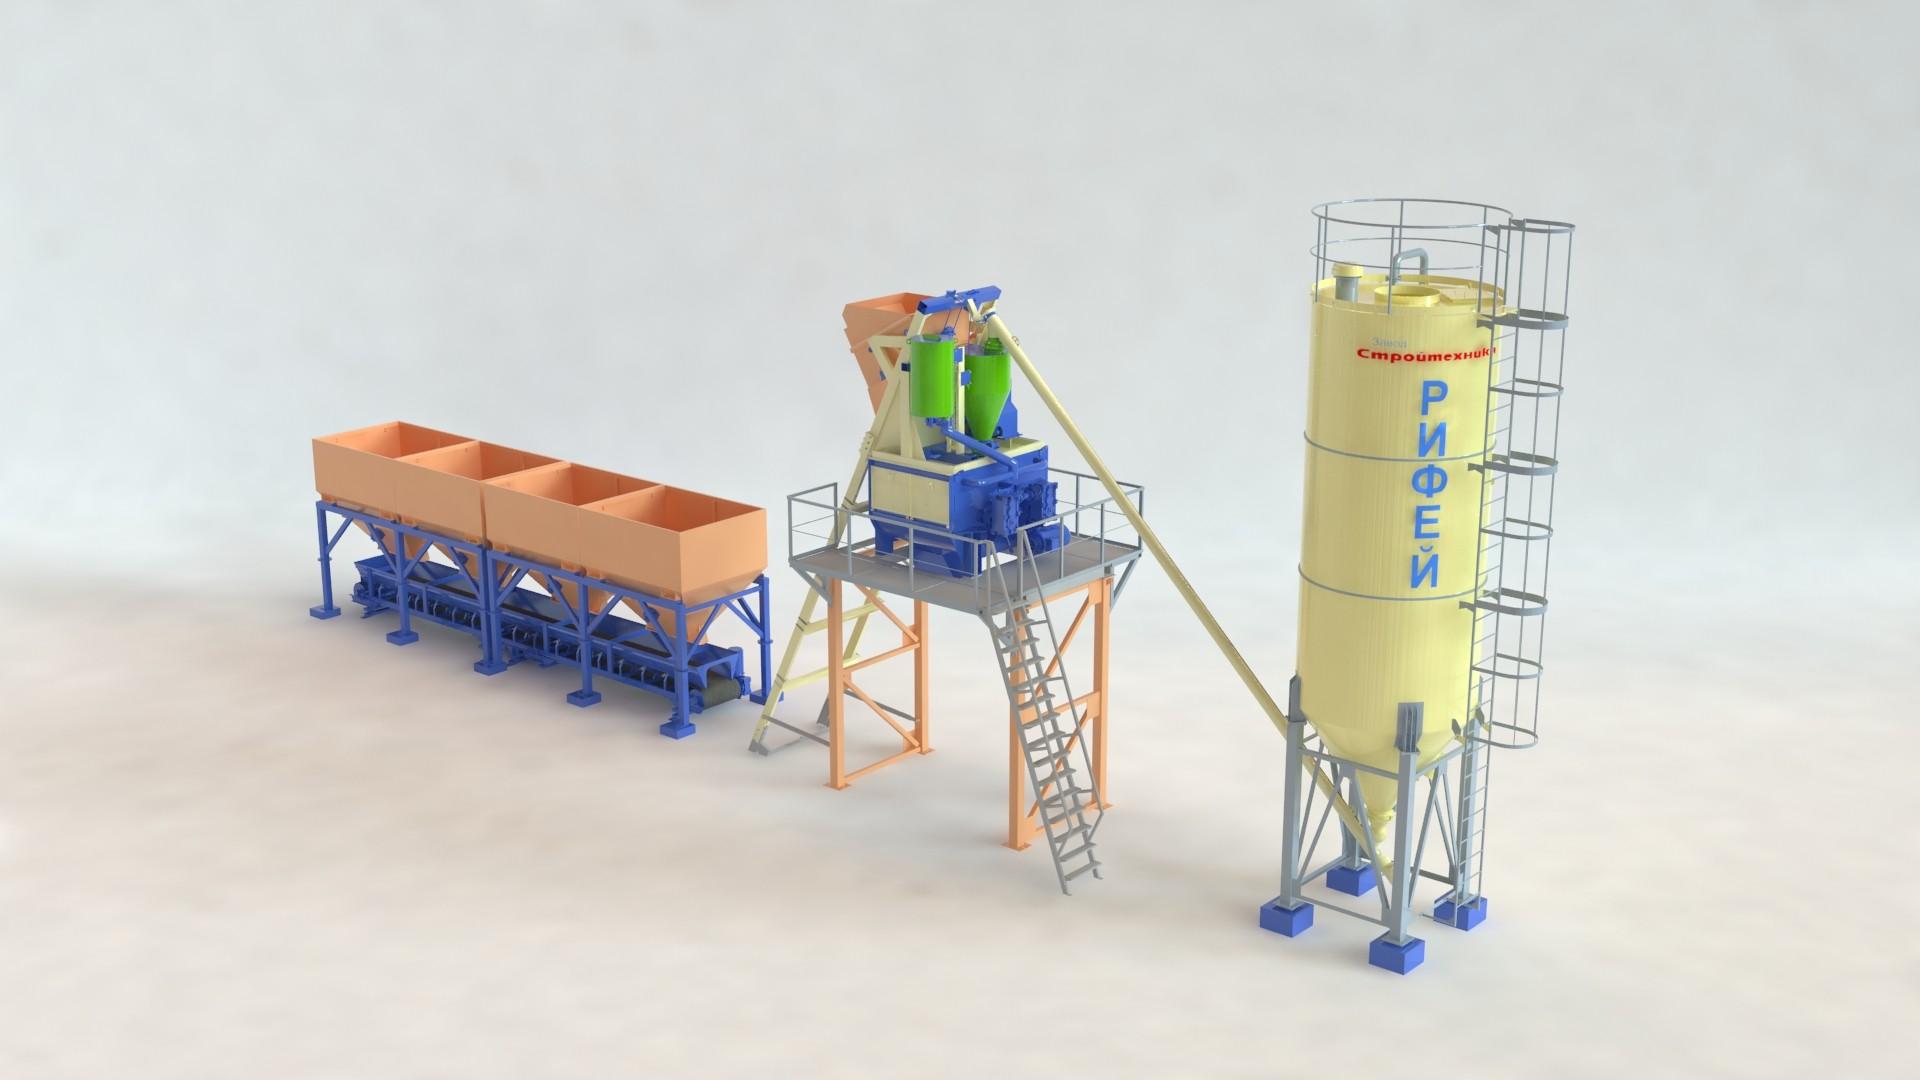 Бетонный завод рифей бетон 60 бетон дегеніміз